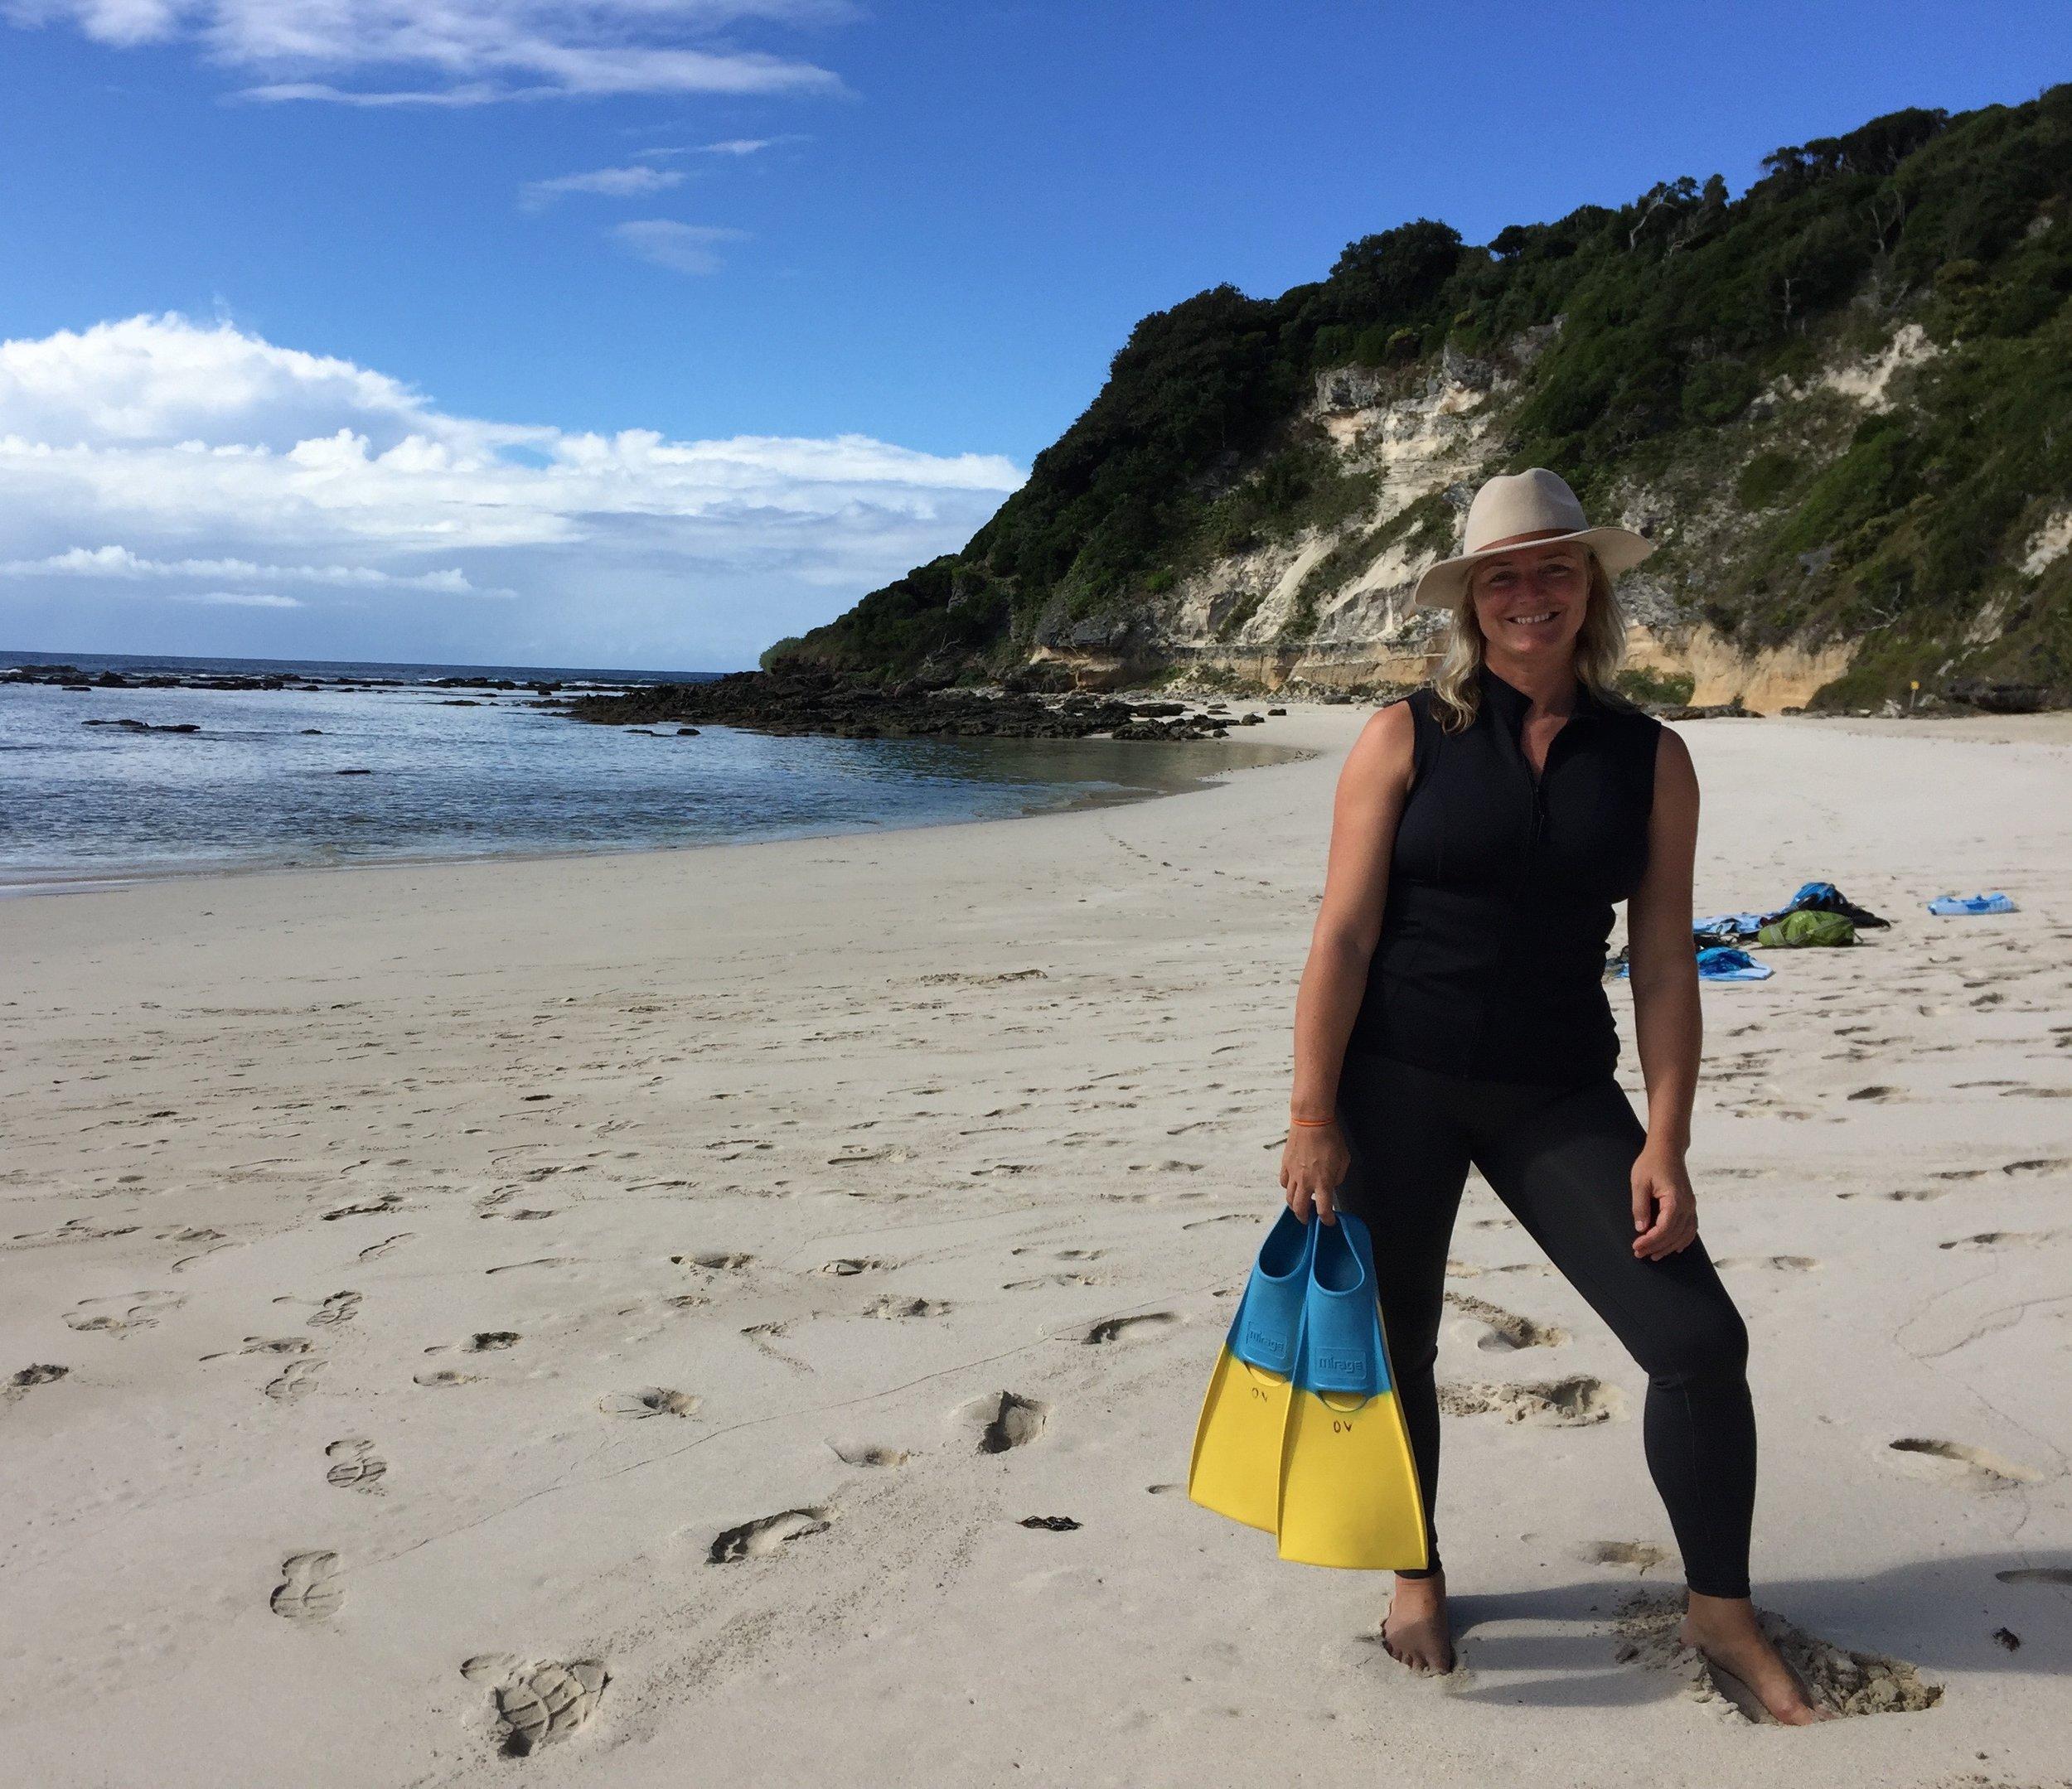 Director Karina Holden has spent her life in saltwater.